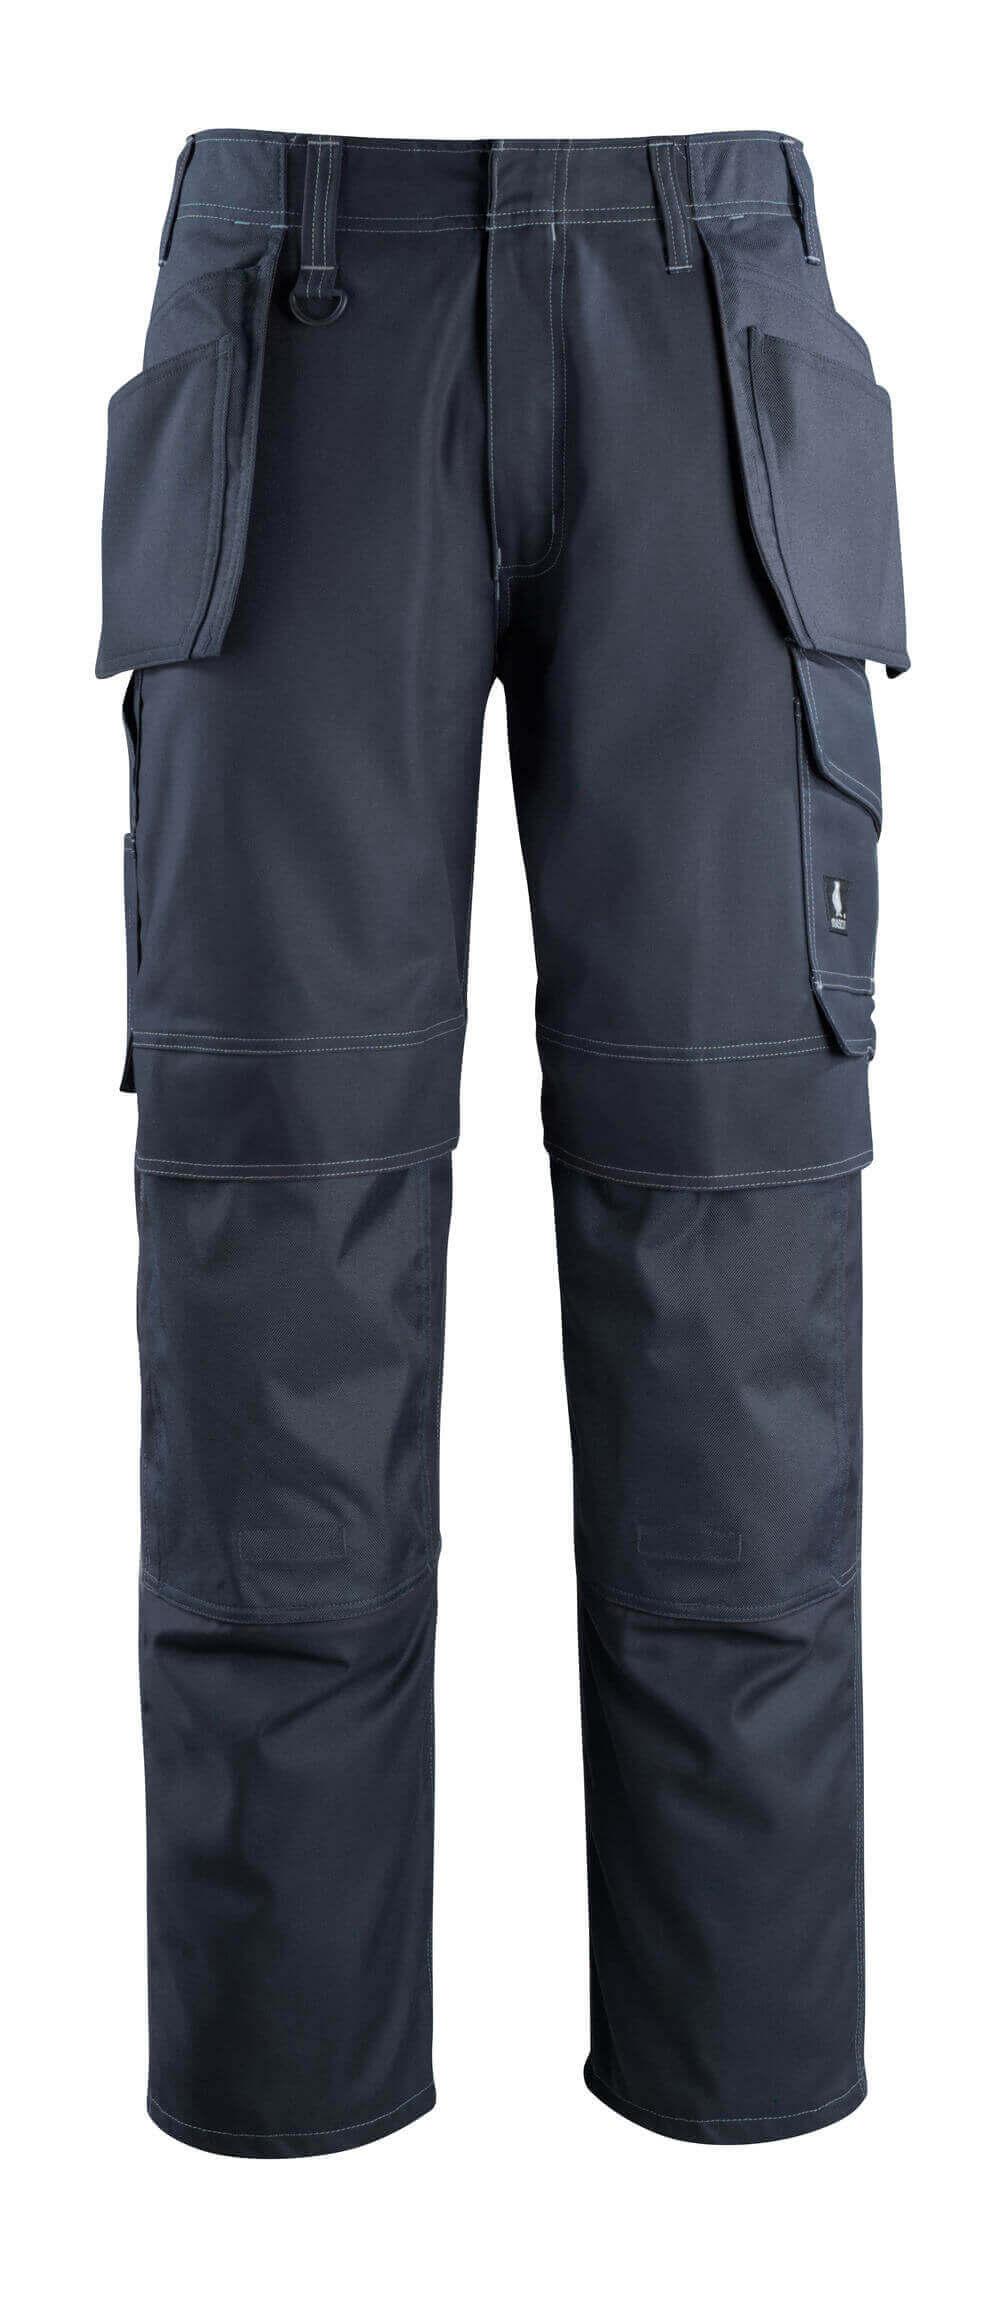 10131-154-010 Handwerkerhose - Schwarzblau